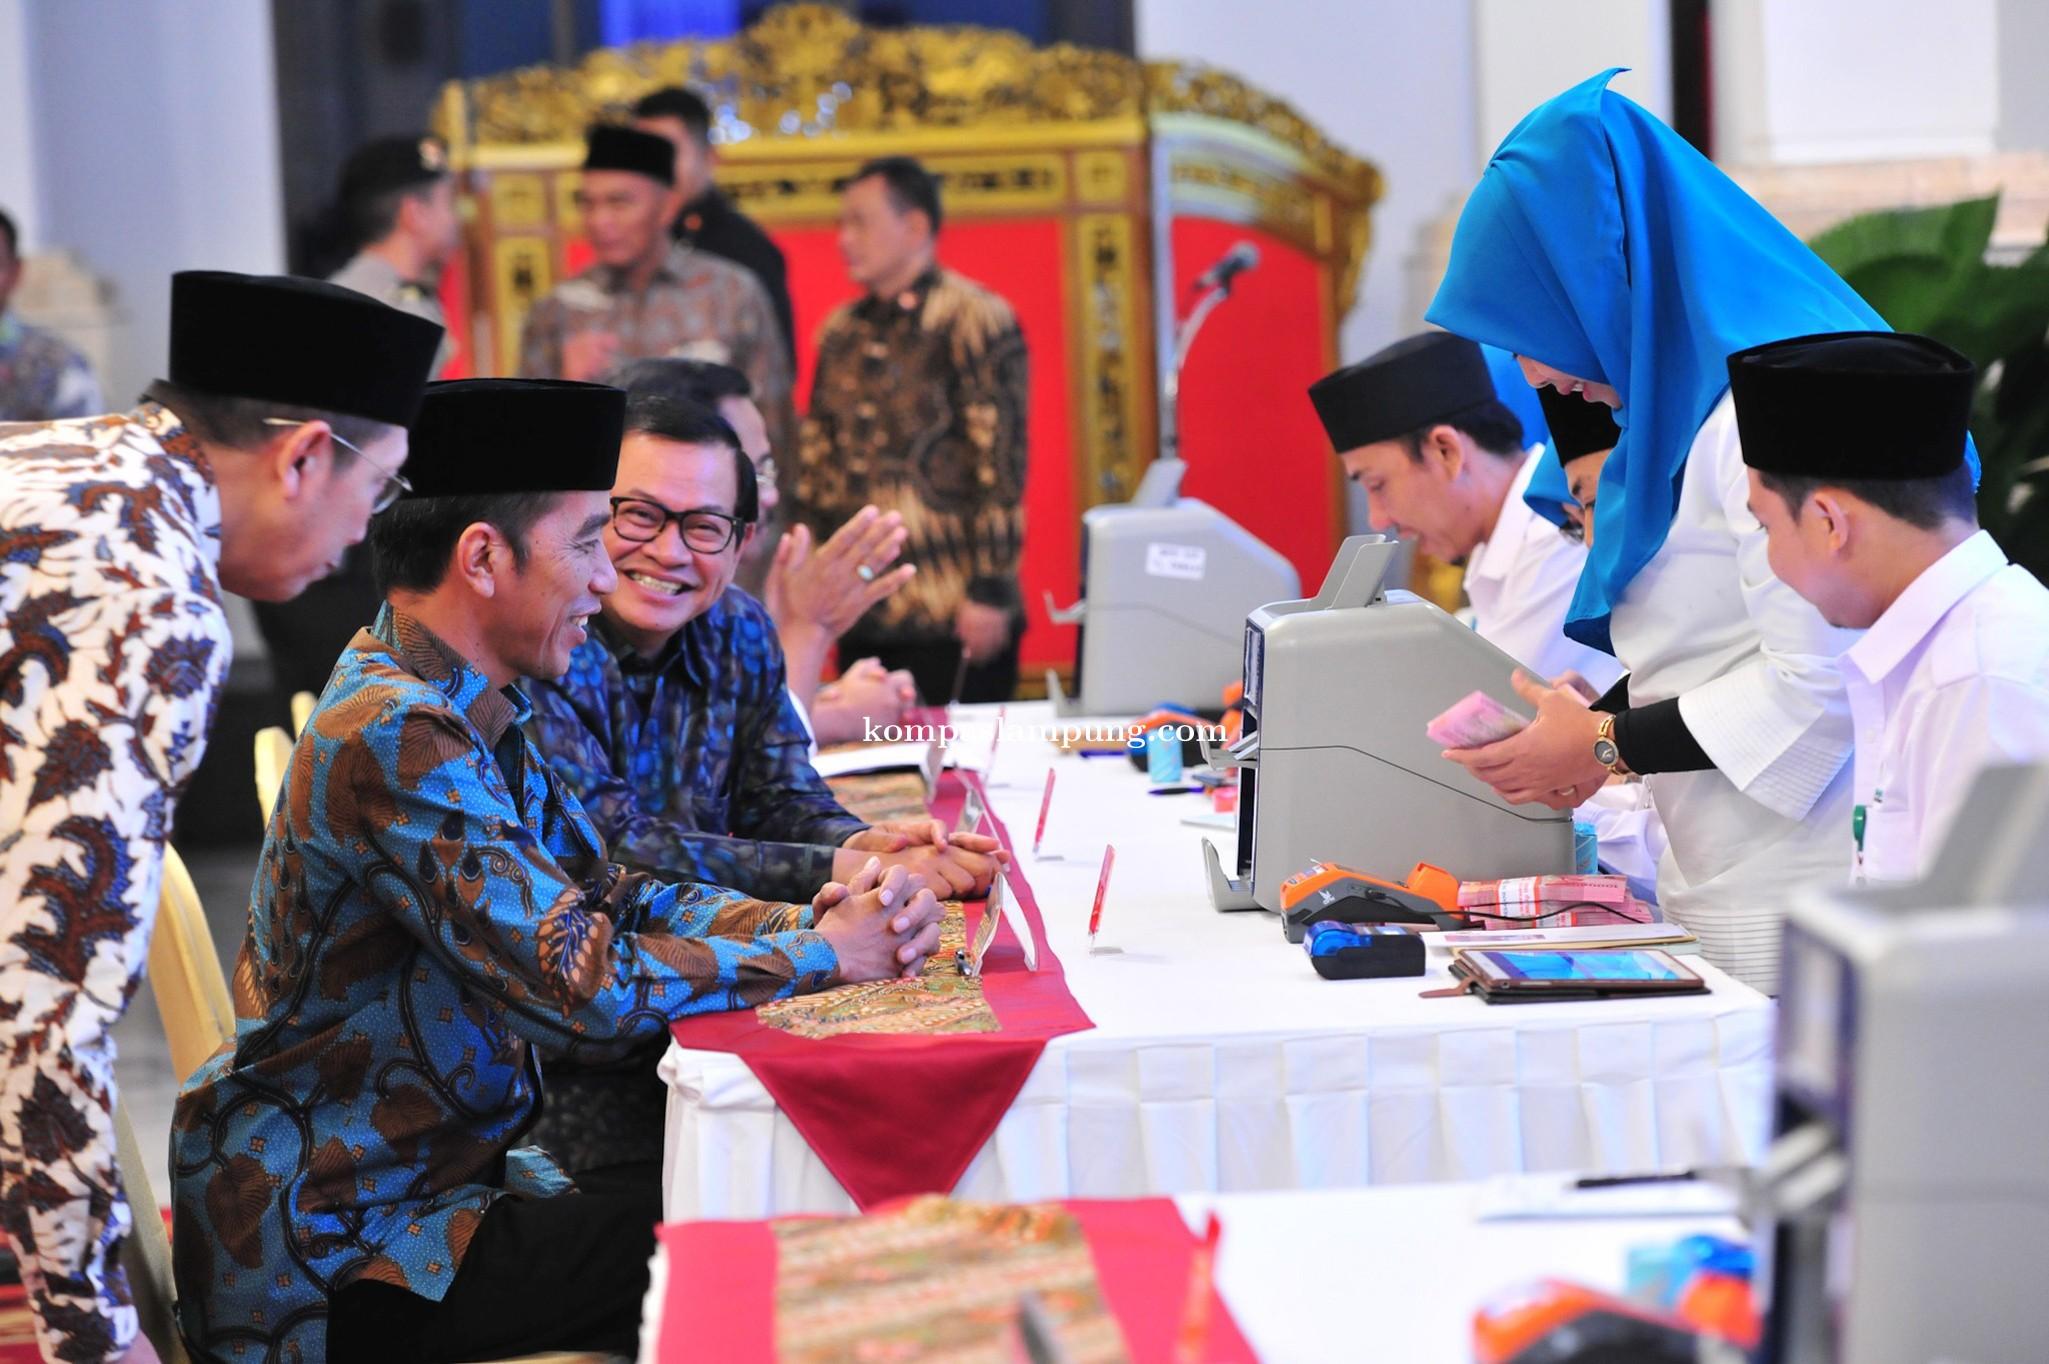 Presiden Jokowi Tanya Menteri Agama Soal Perpres Zakat Bagi ASN